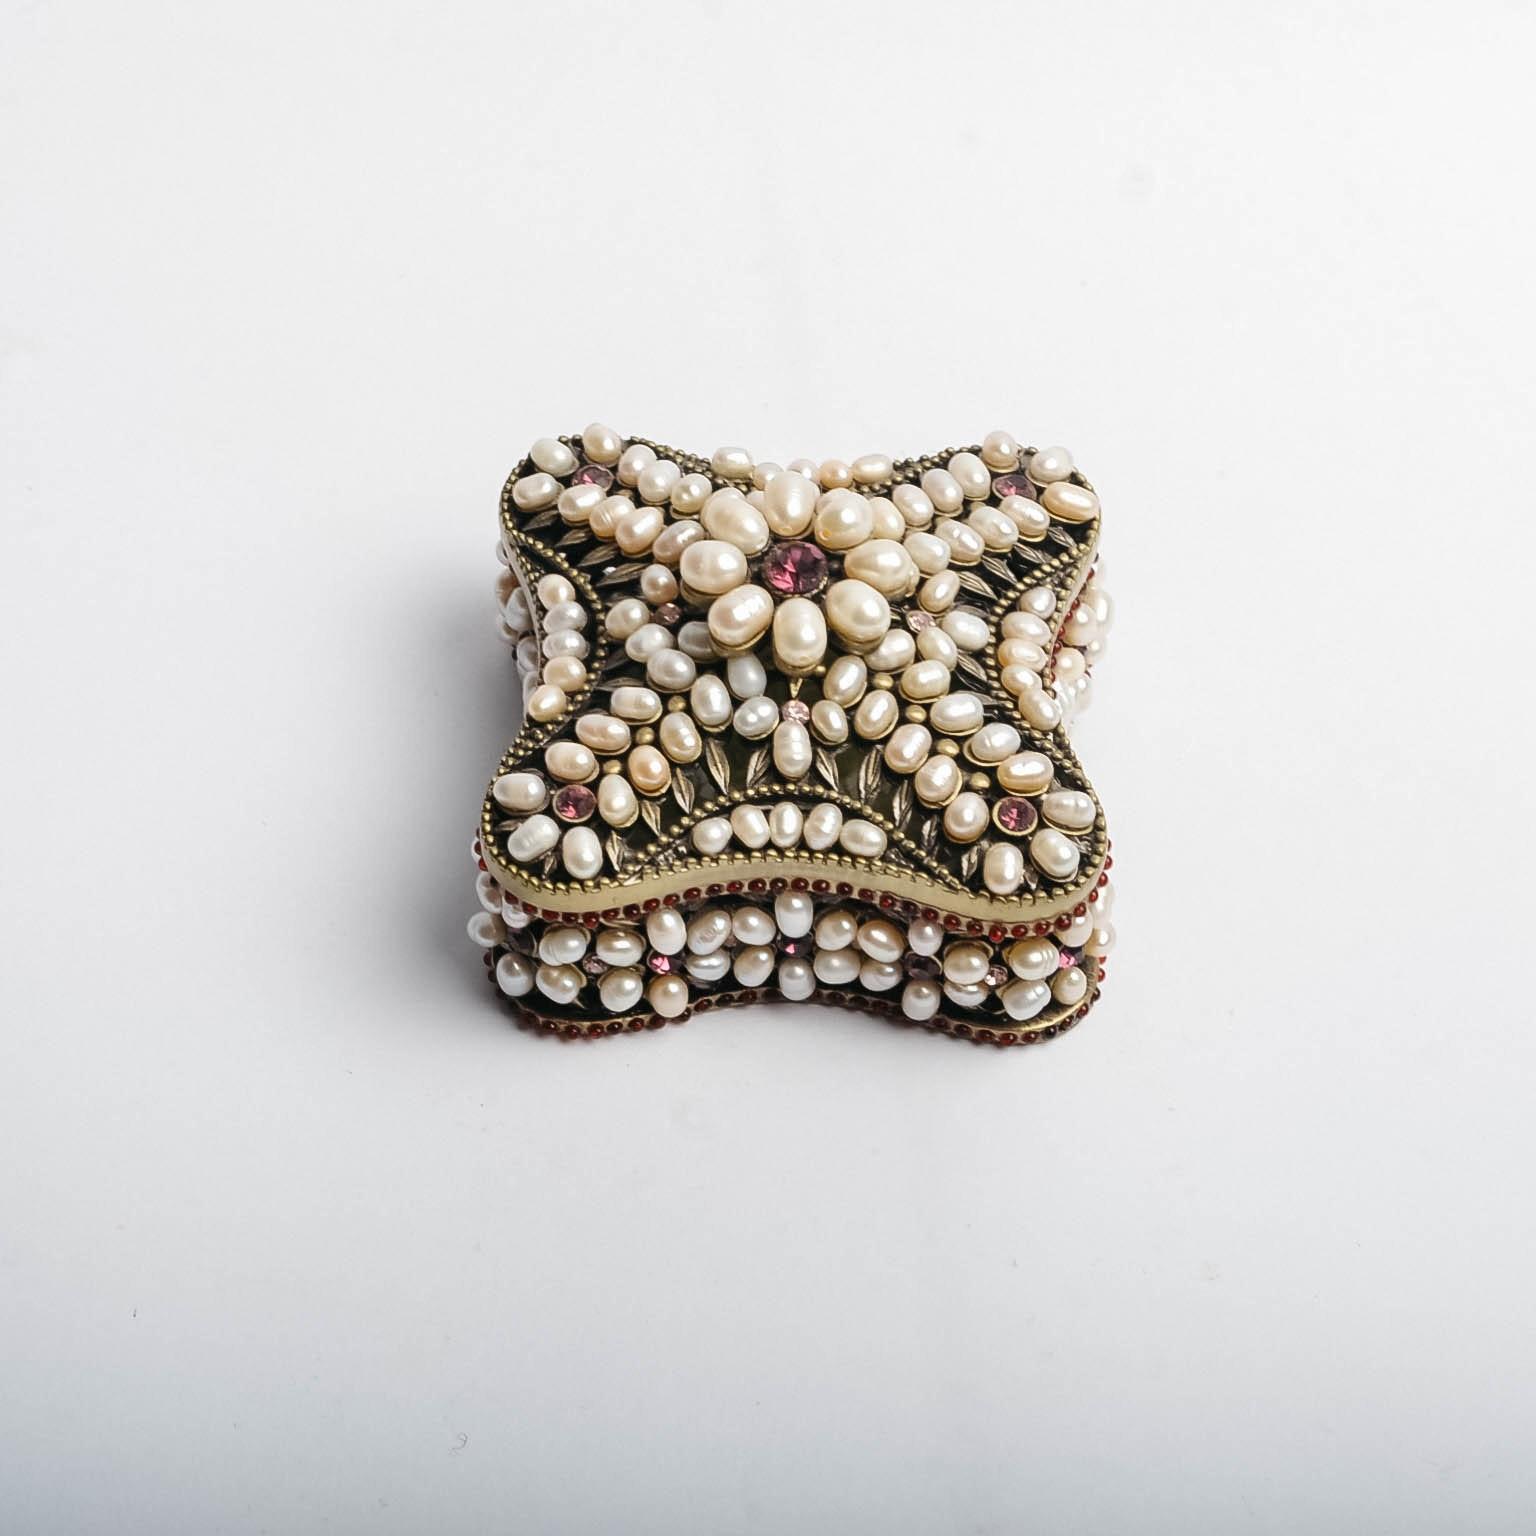 Pearl and Rhinestone Trinket Box